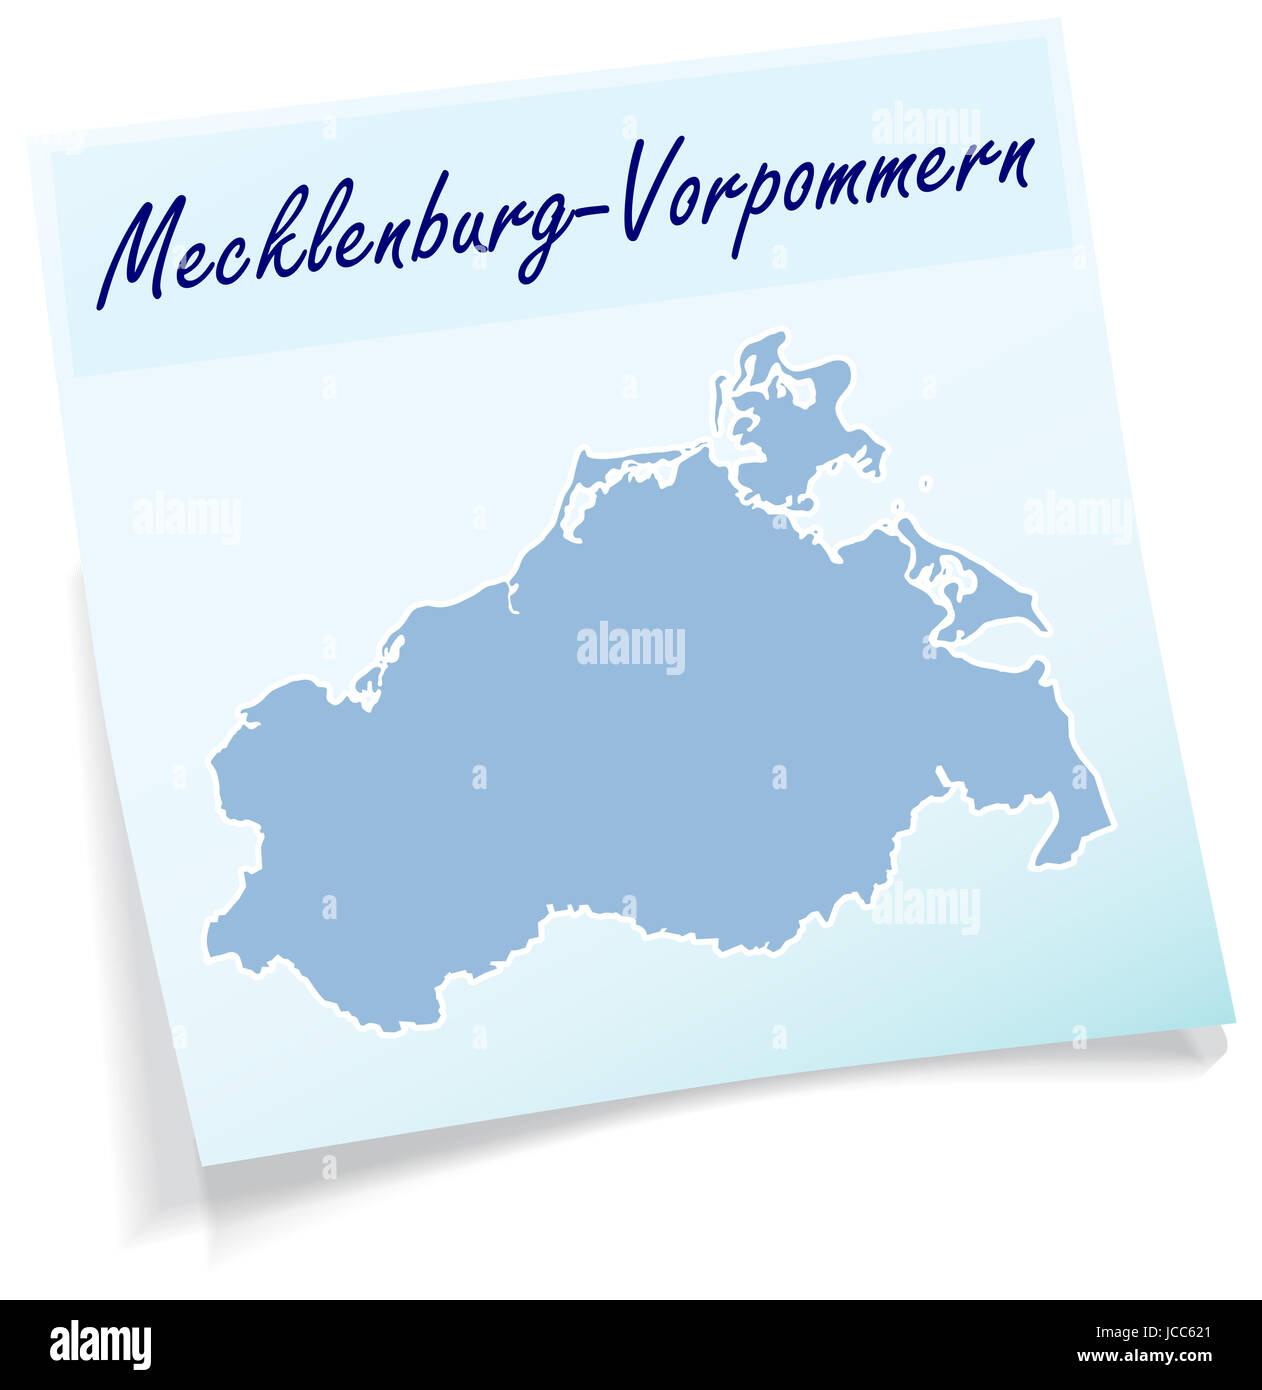 Mecklenburg-Vorpommern als Notizzettel in Blau - Stock Image